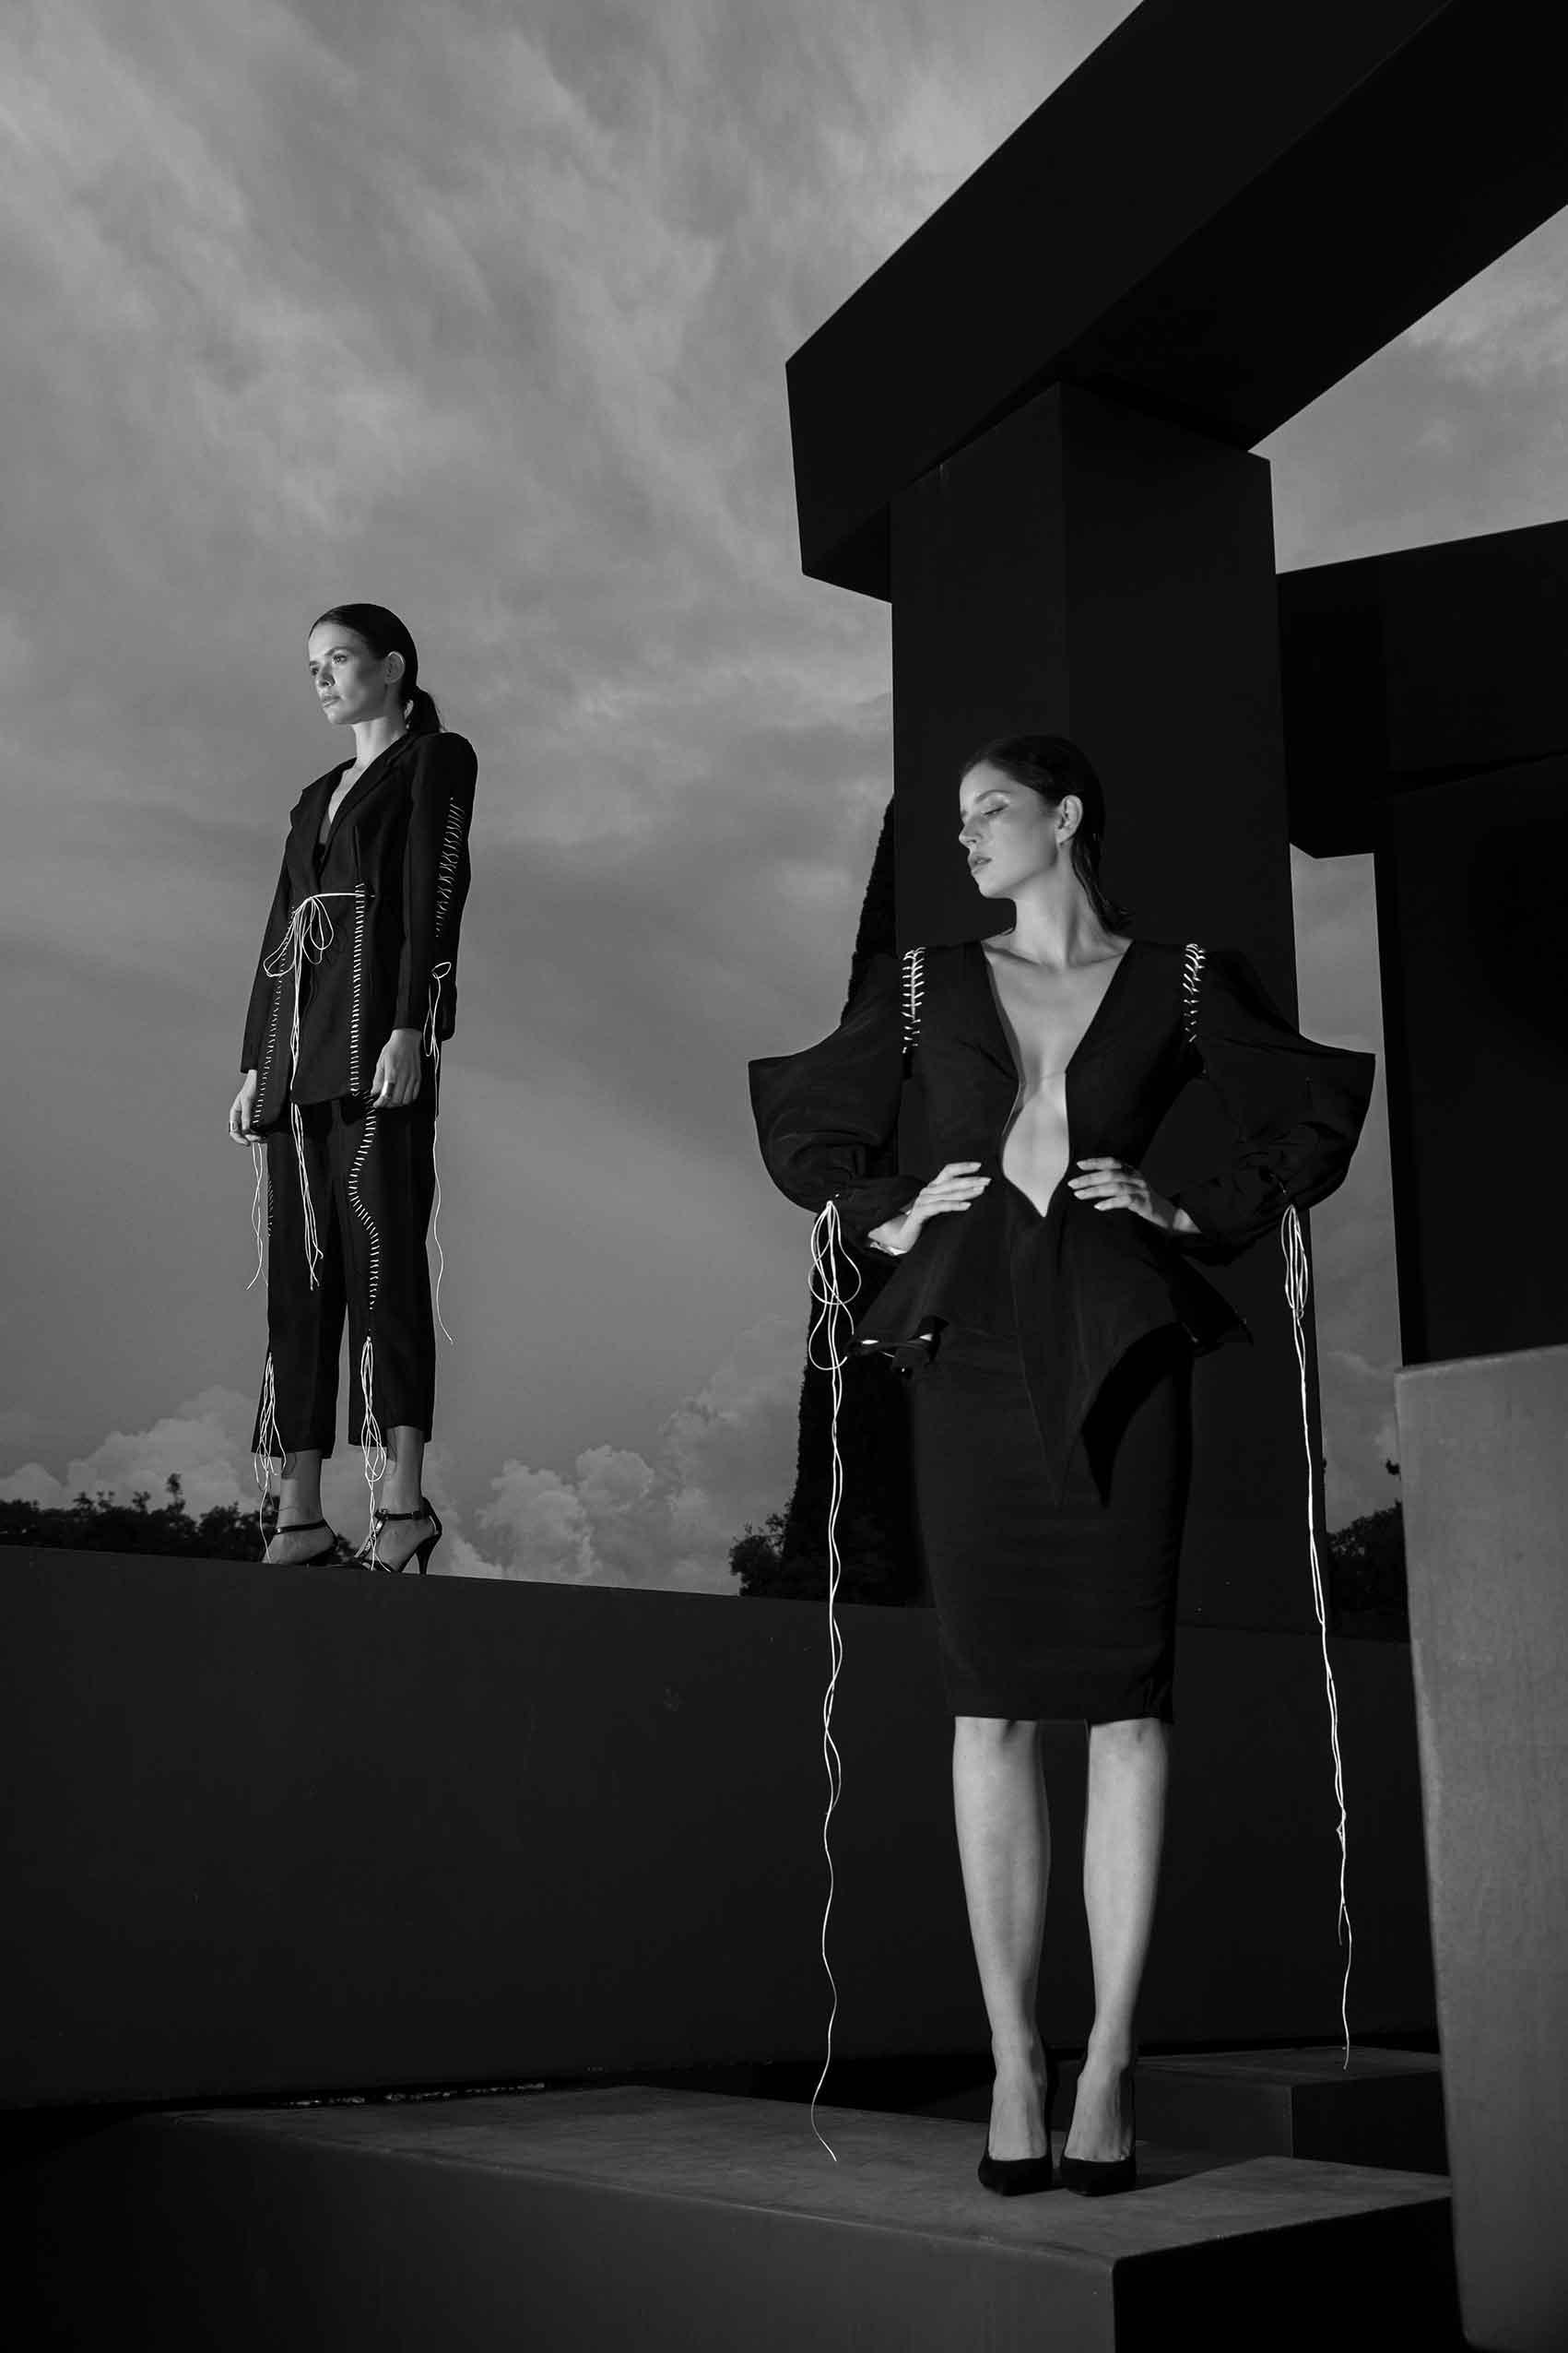 מאשה-גילדר-מגזין-אופנה-שגב-אורלב-מגזין-אופנה-דיגיטלי